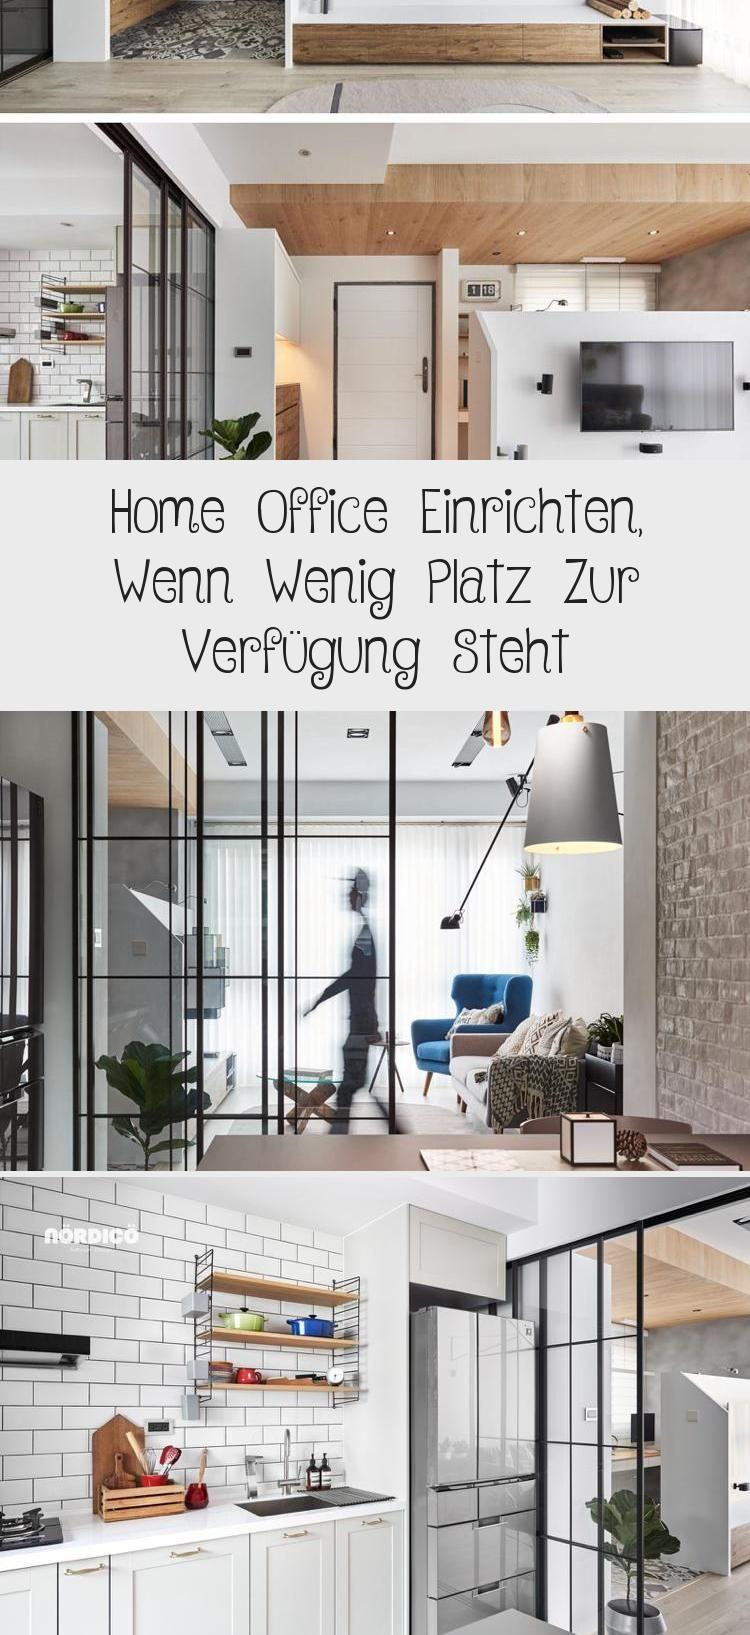 Home Office Einrichten Wenn Wenig Platz Zur Verfugung Steht